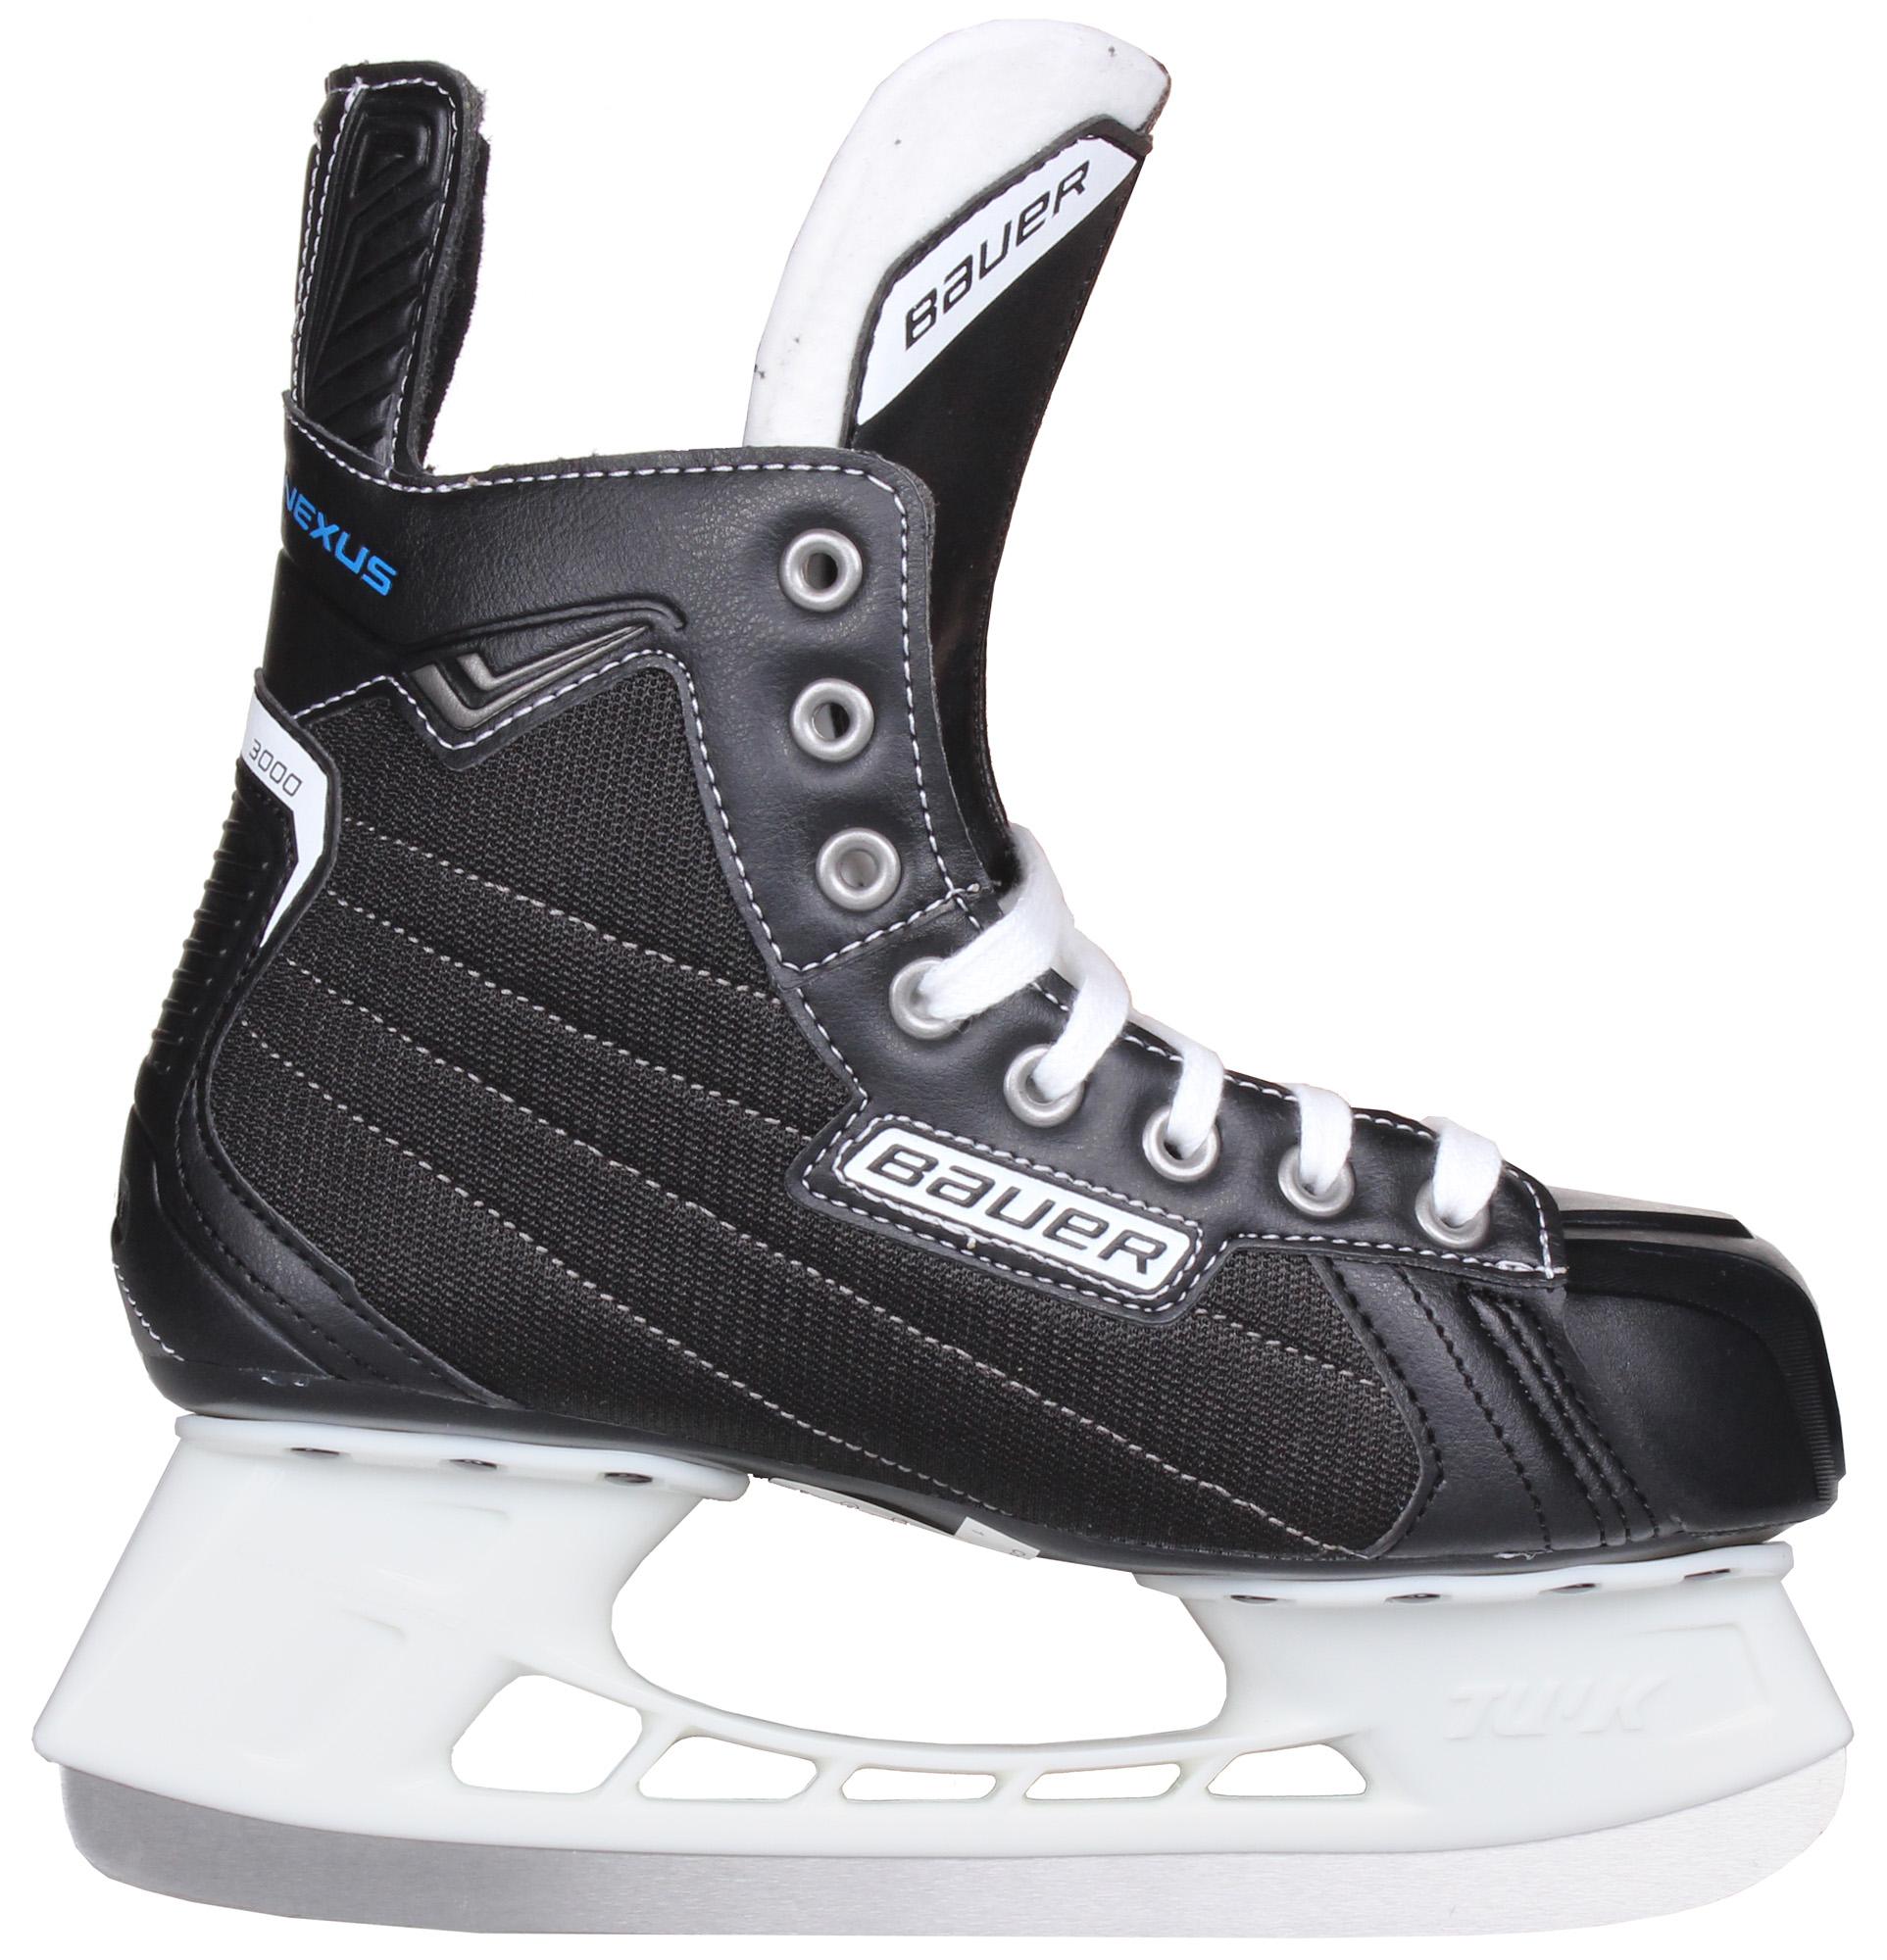 BAUER Nexus 3000 YTH dětské hokejové brusle, šíře R